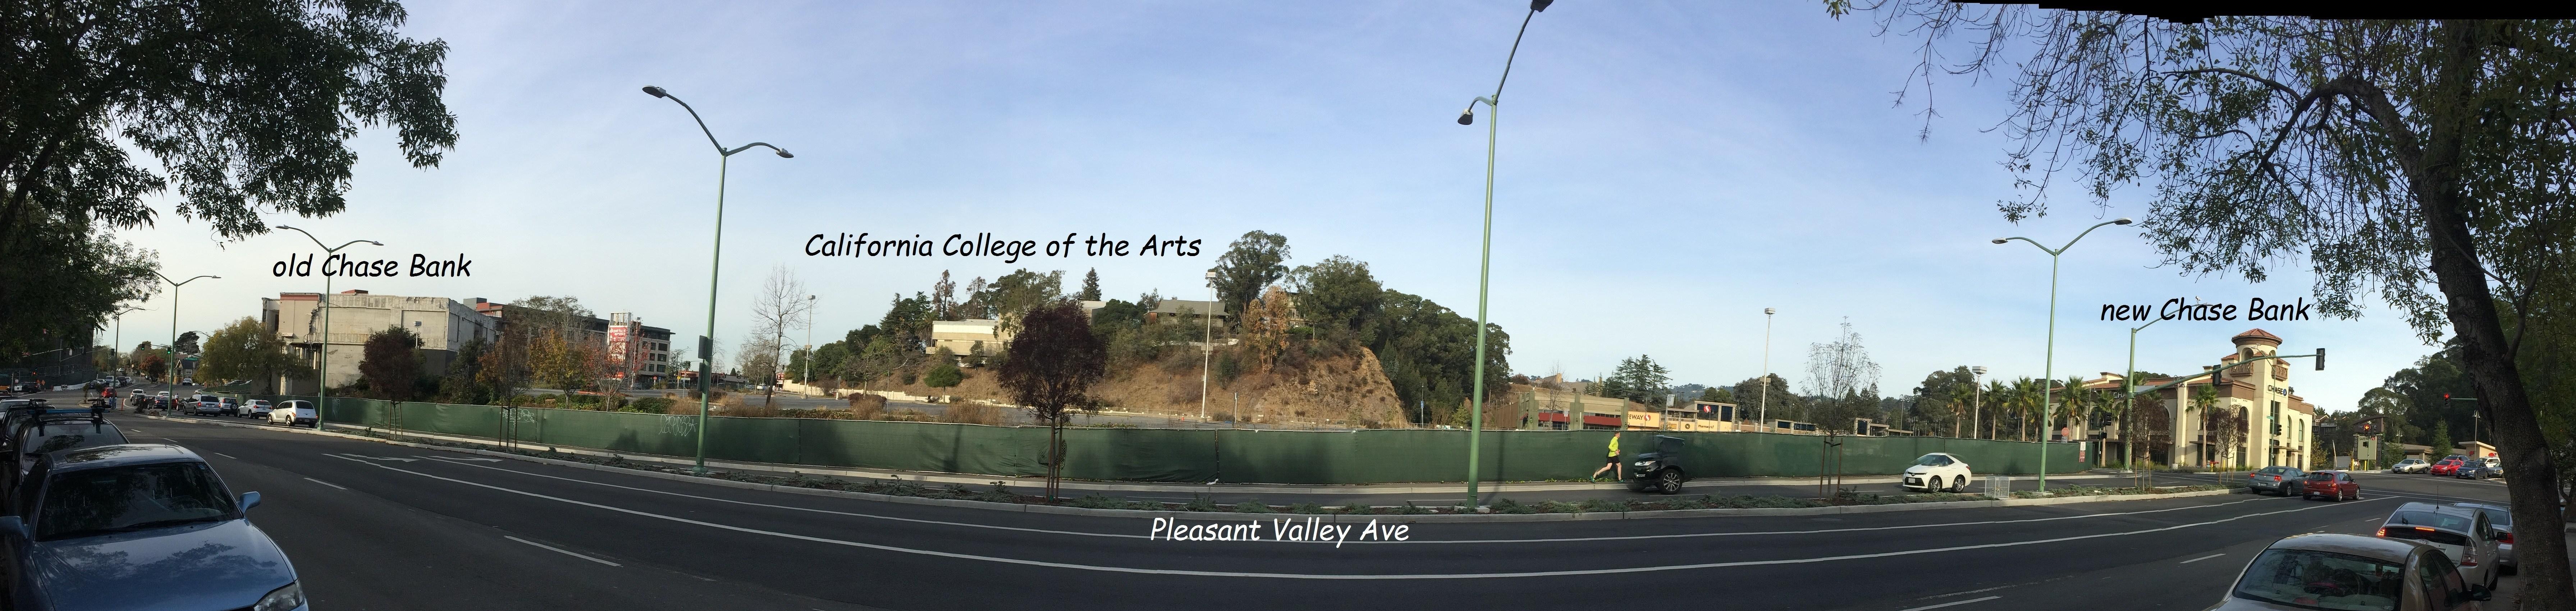 Shops on the Ridge Phase 2